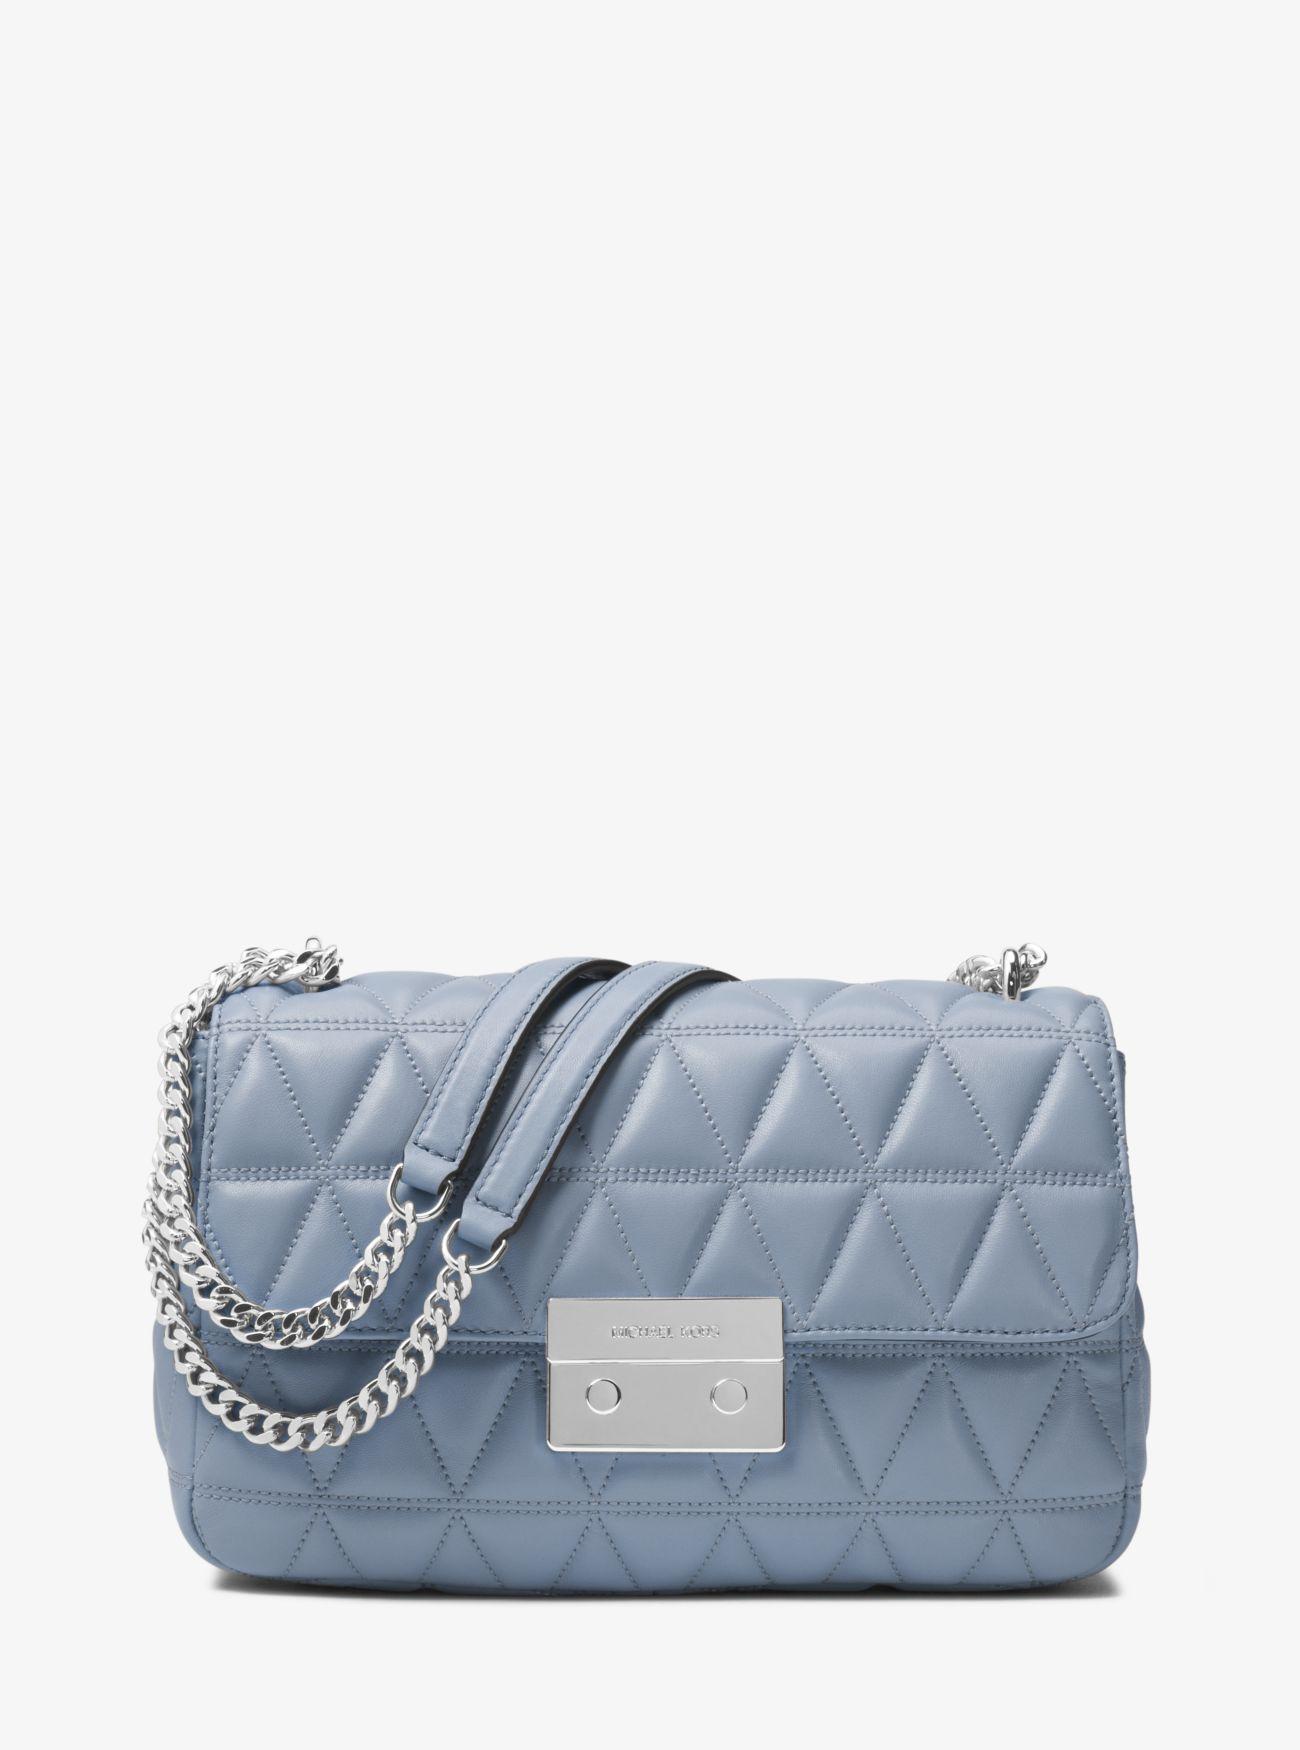 Sloan Large Quilted-leather Shoulder Bag   Michael Kors : michael kors black quilted handbag - Adamdwight.com